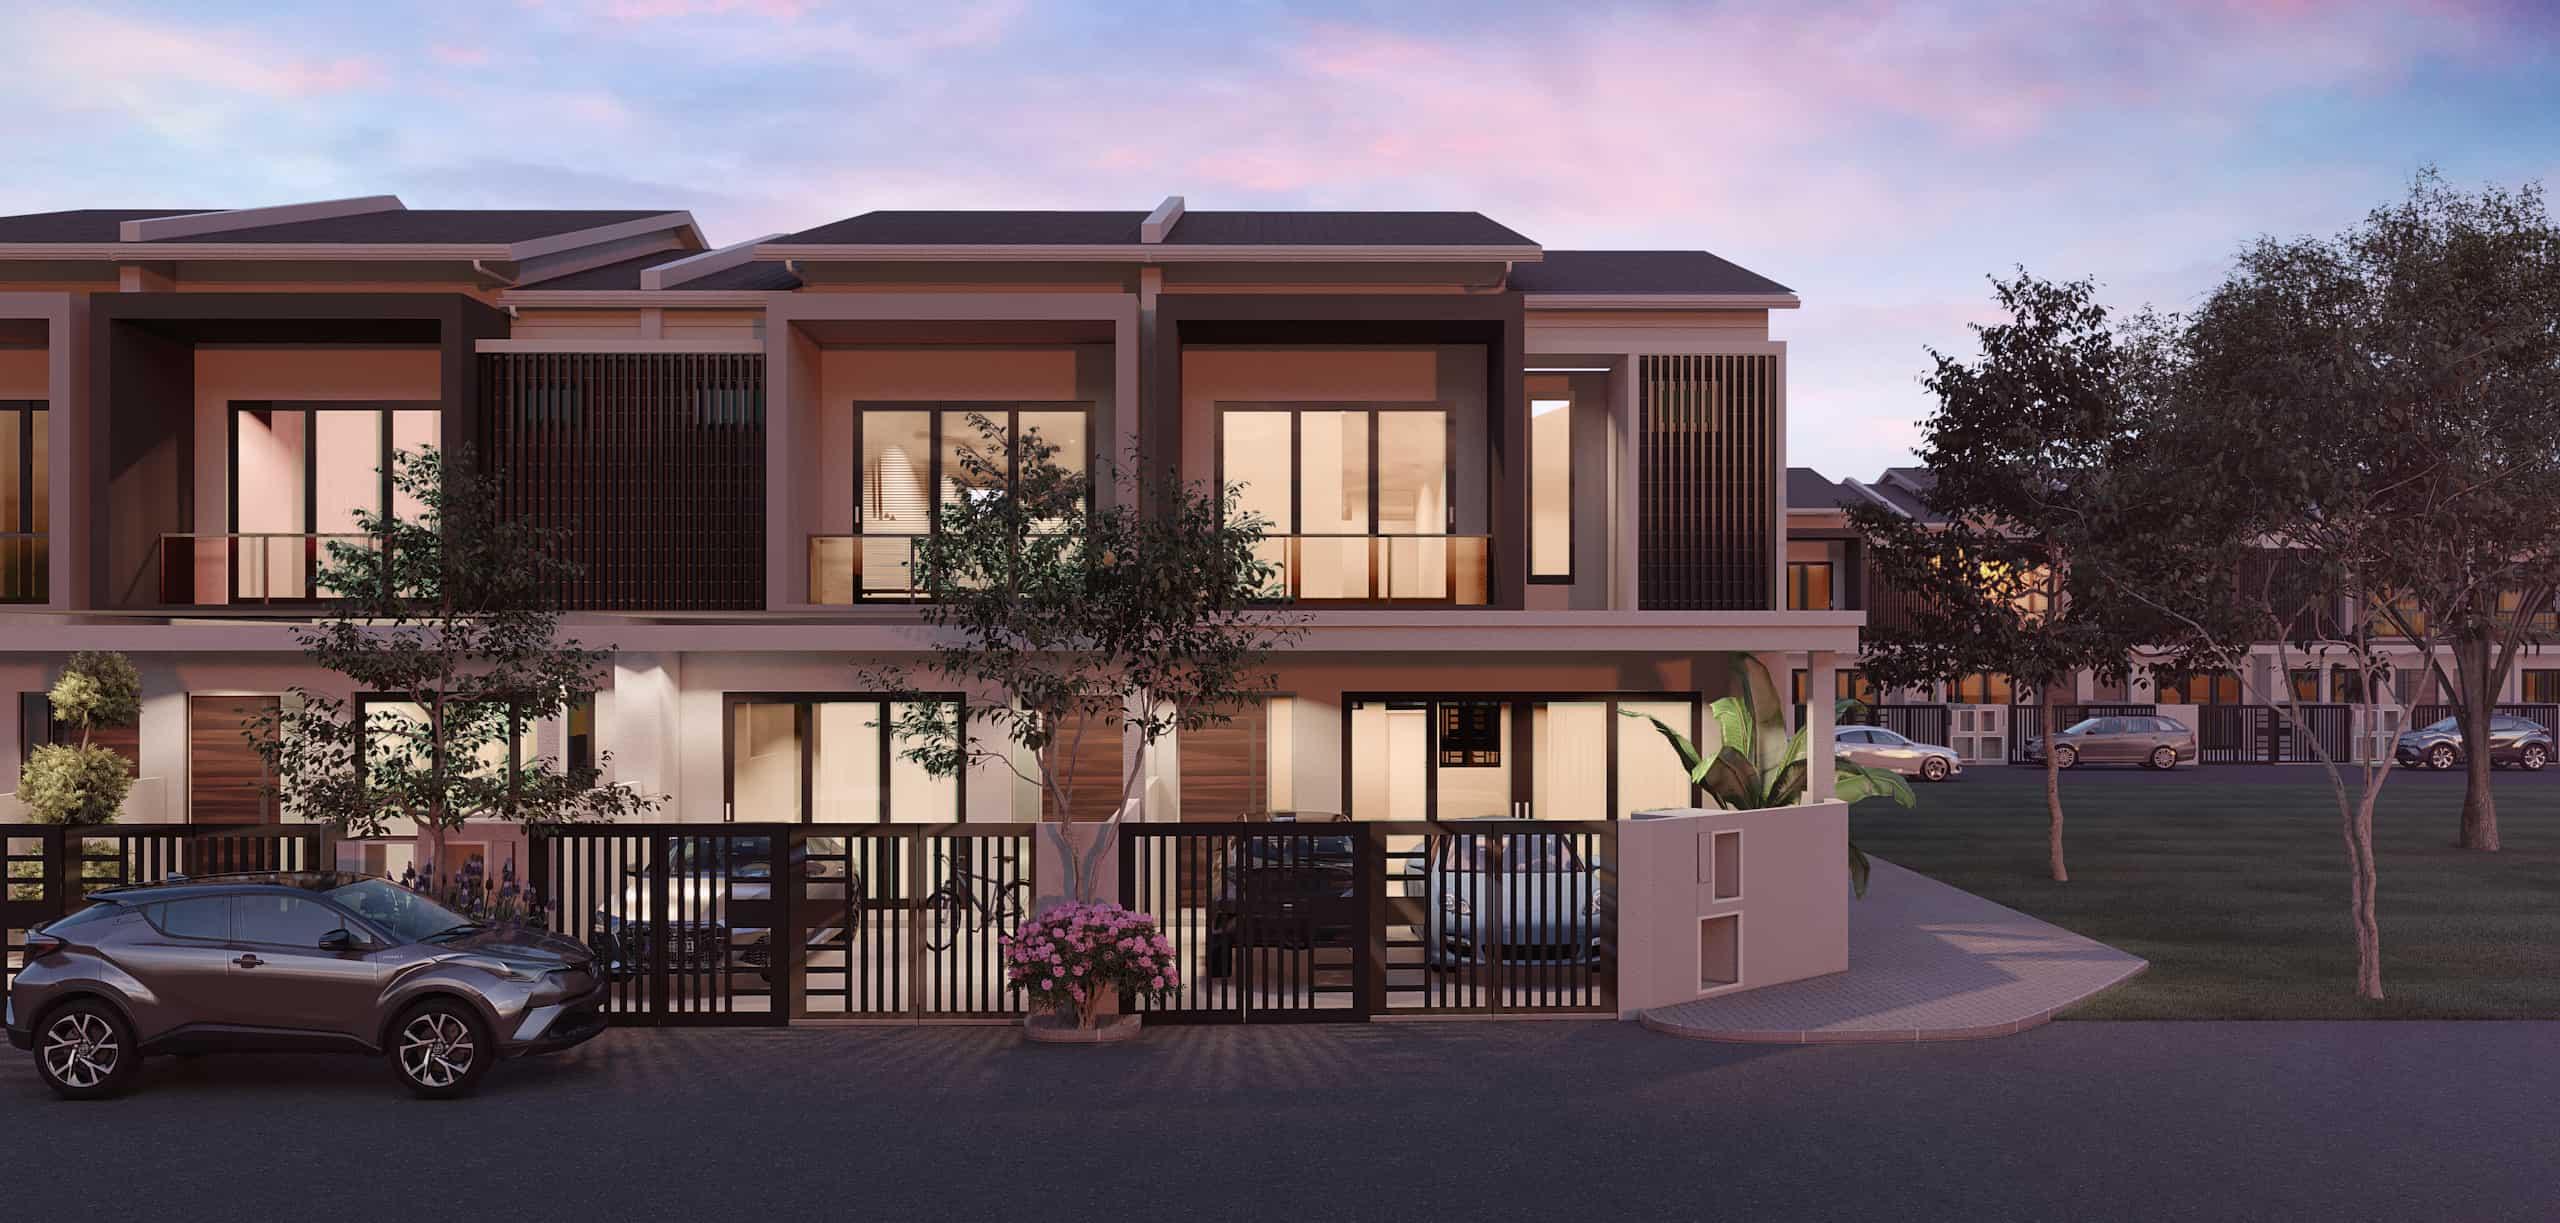 taman riang terrance house